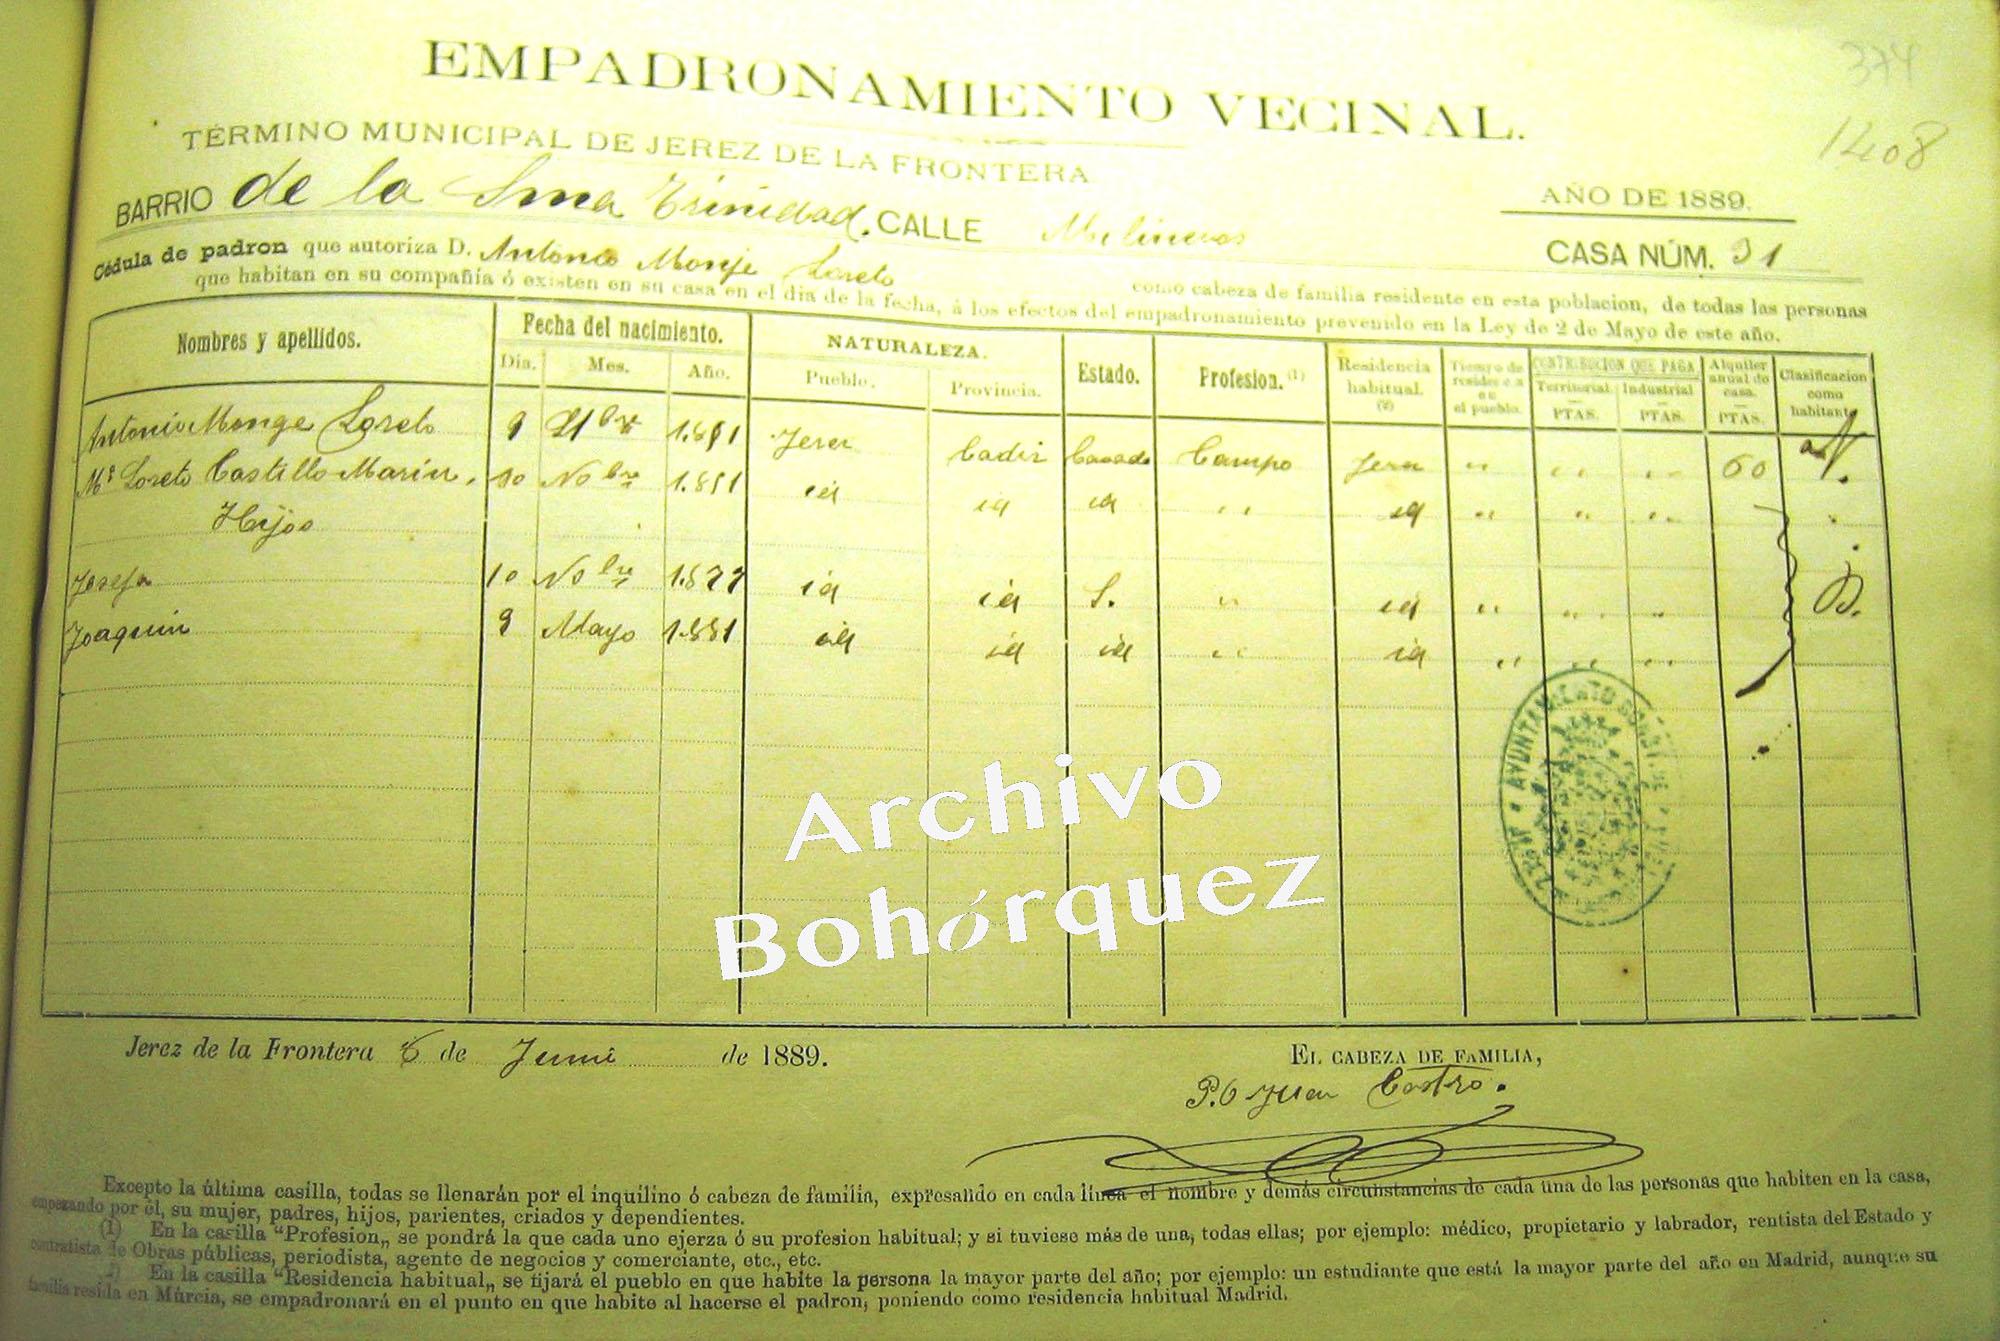 Antonio el Marrurro y su familia, empadronados en la calle Molineros 31. Ahí aparece Joaquín Monge Castillo, el Marrurro que fue asesinado en la Plaza de Toros de Algeciras en 1901. Archivo Bohórquez.